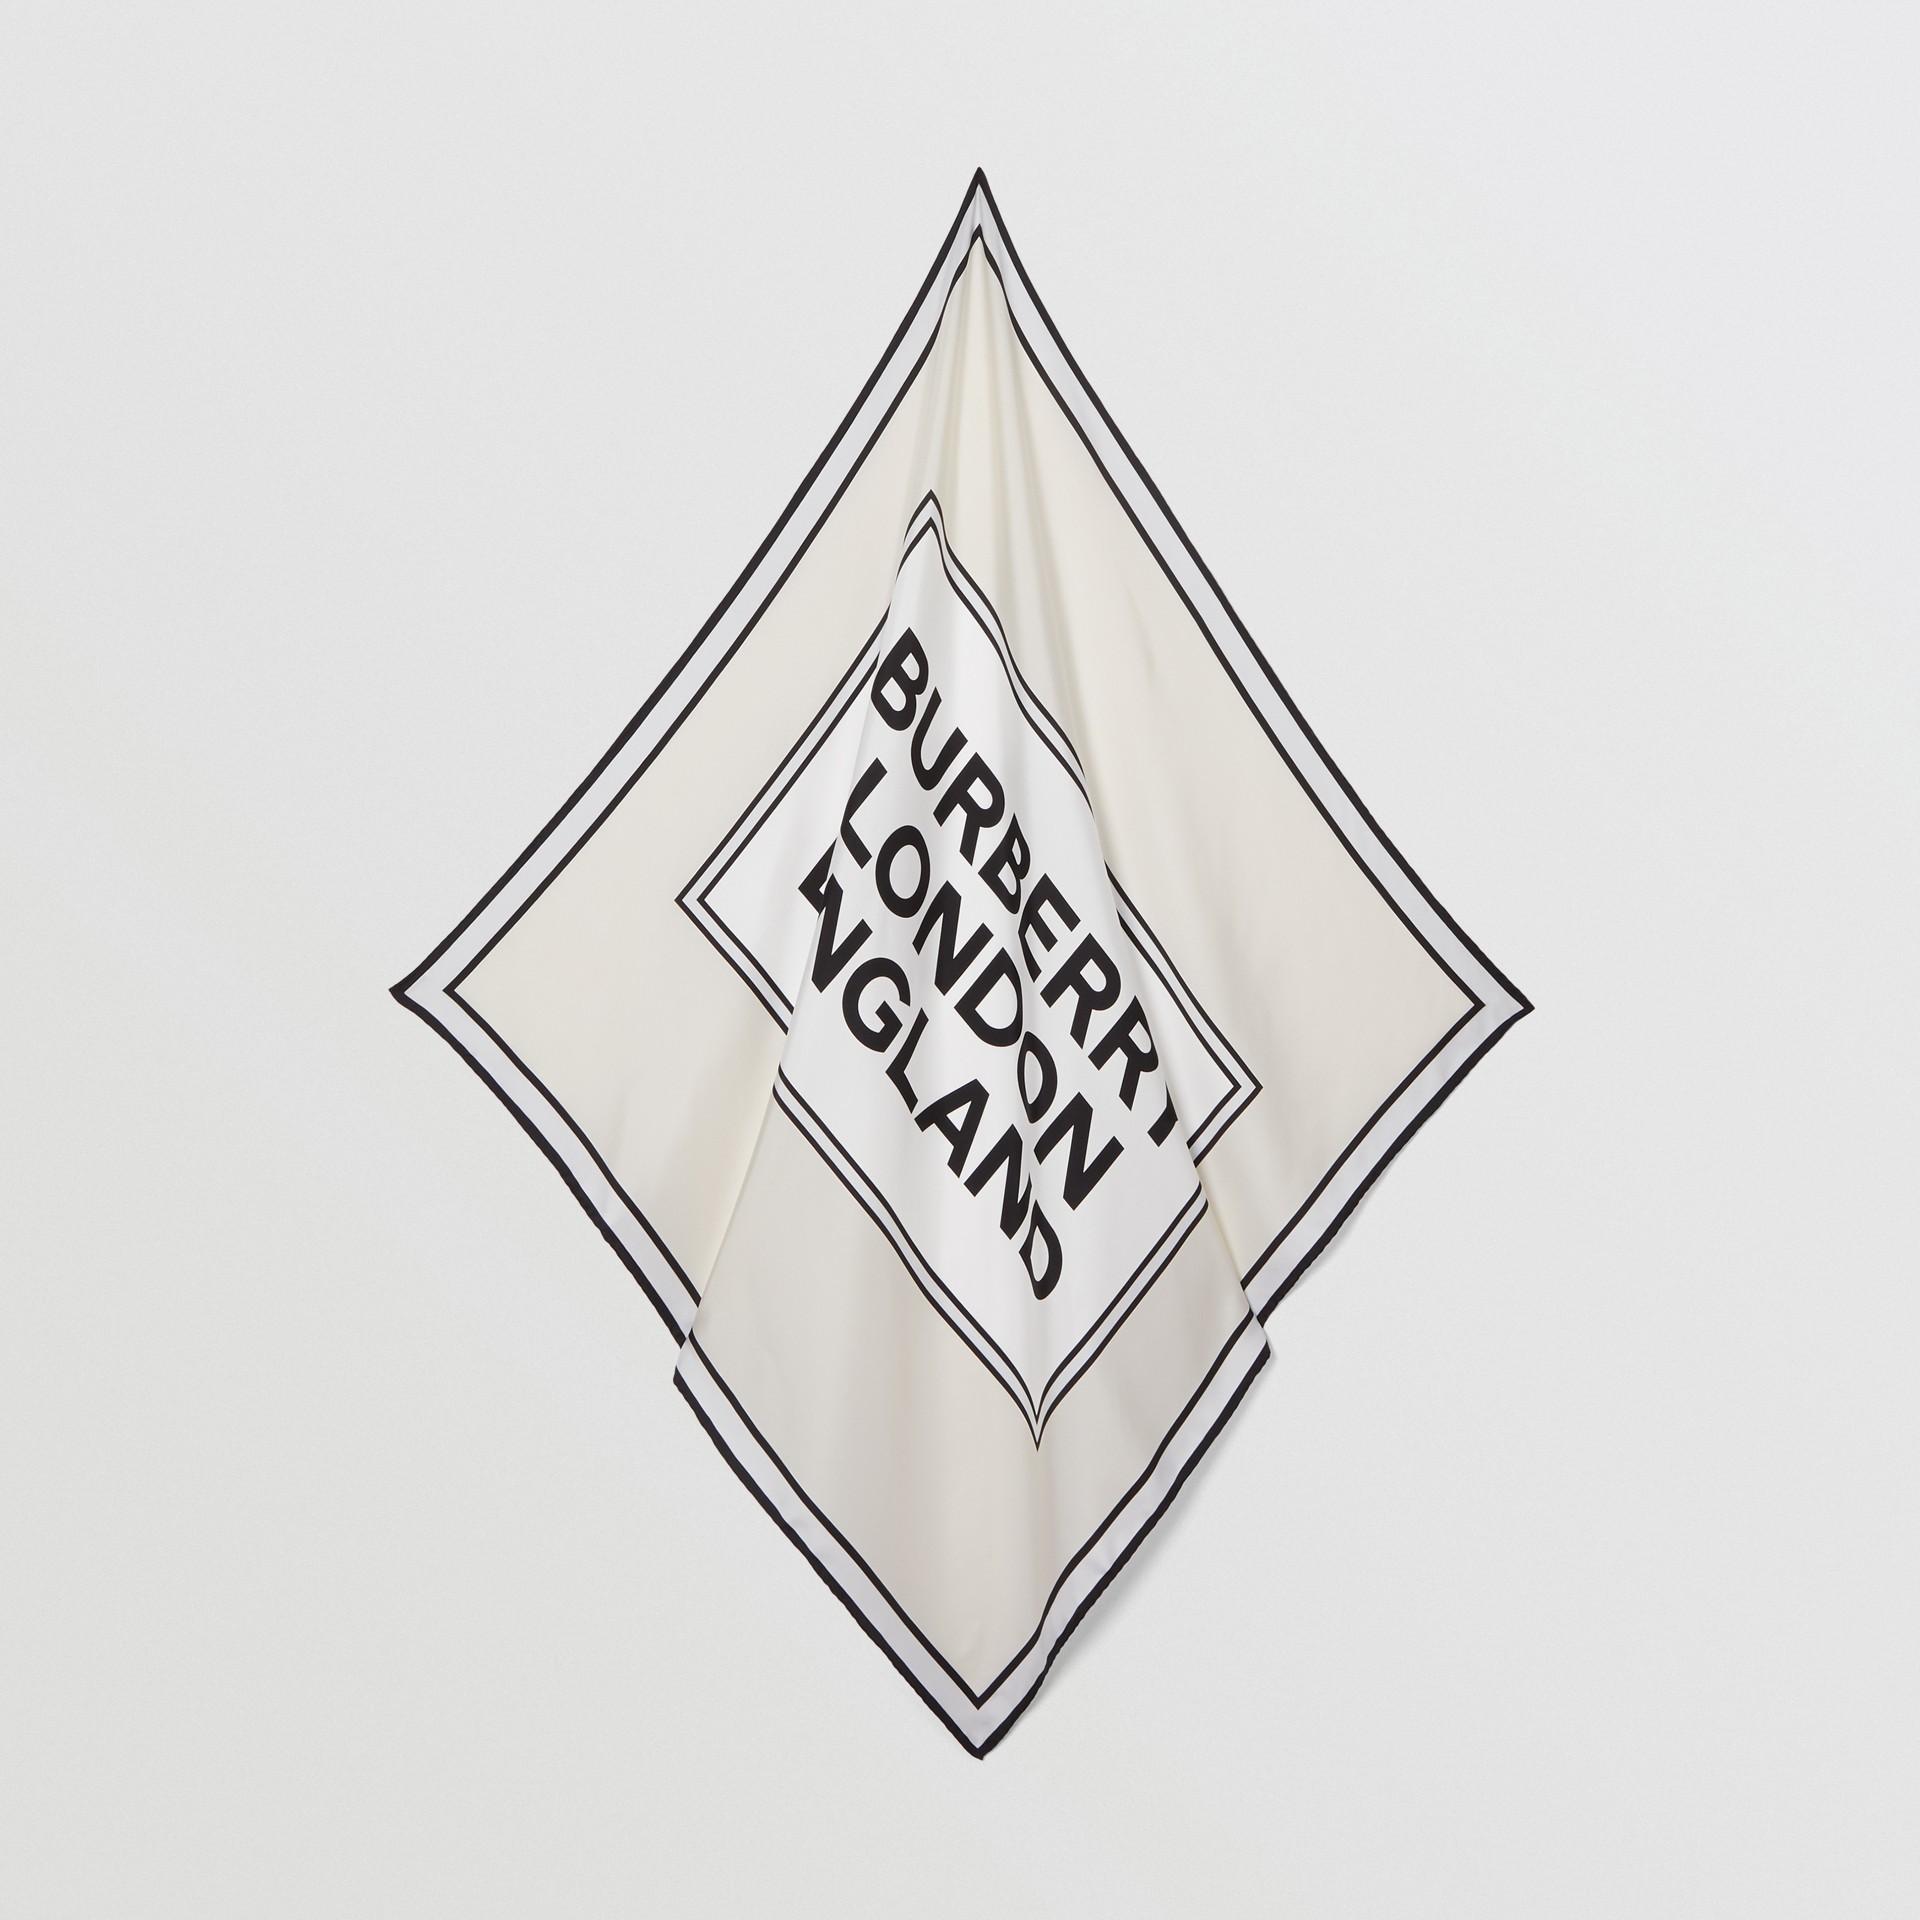 ロゴプリント シルク スクエアスカーフ (バニラ) | バーバリー - ギャラリーイメージ 4